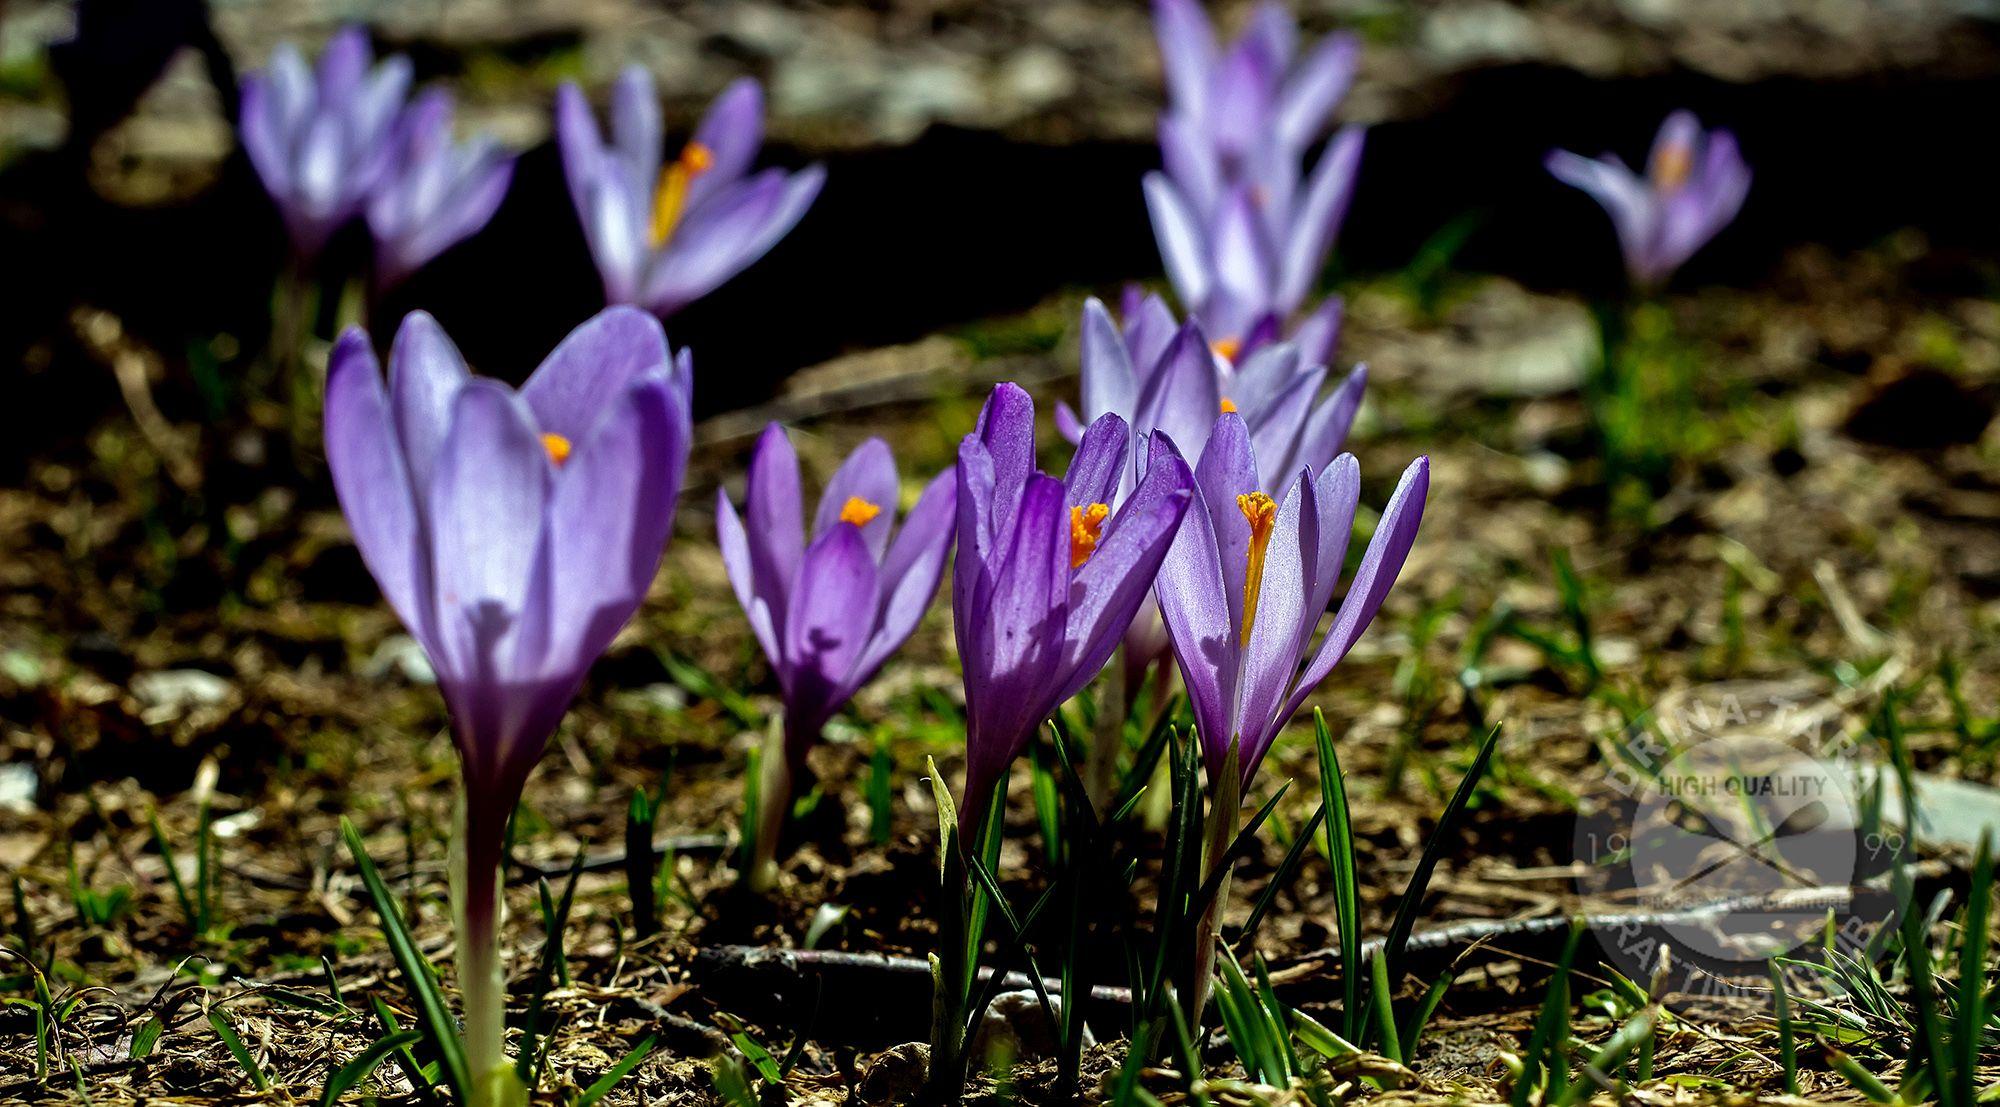 Ljekovite I rijetke biljke u Nacionalnom parku Sutjeska